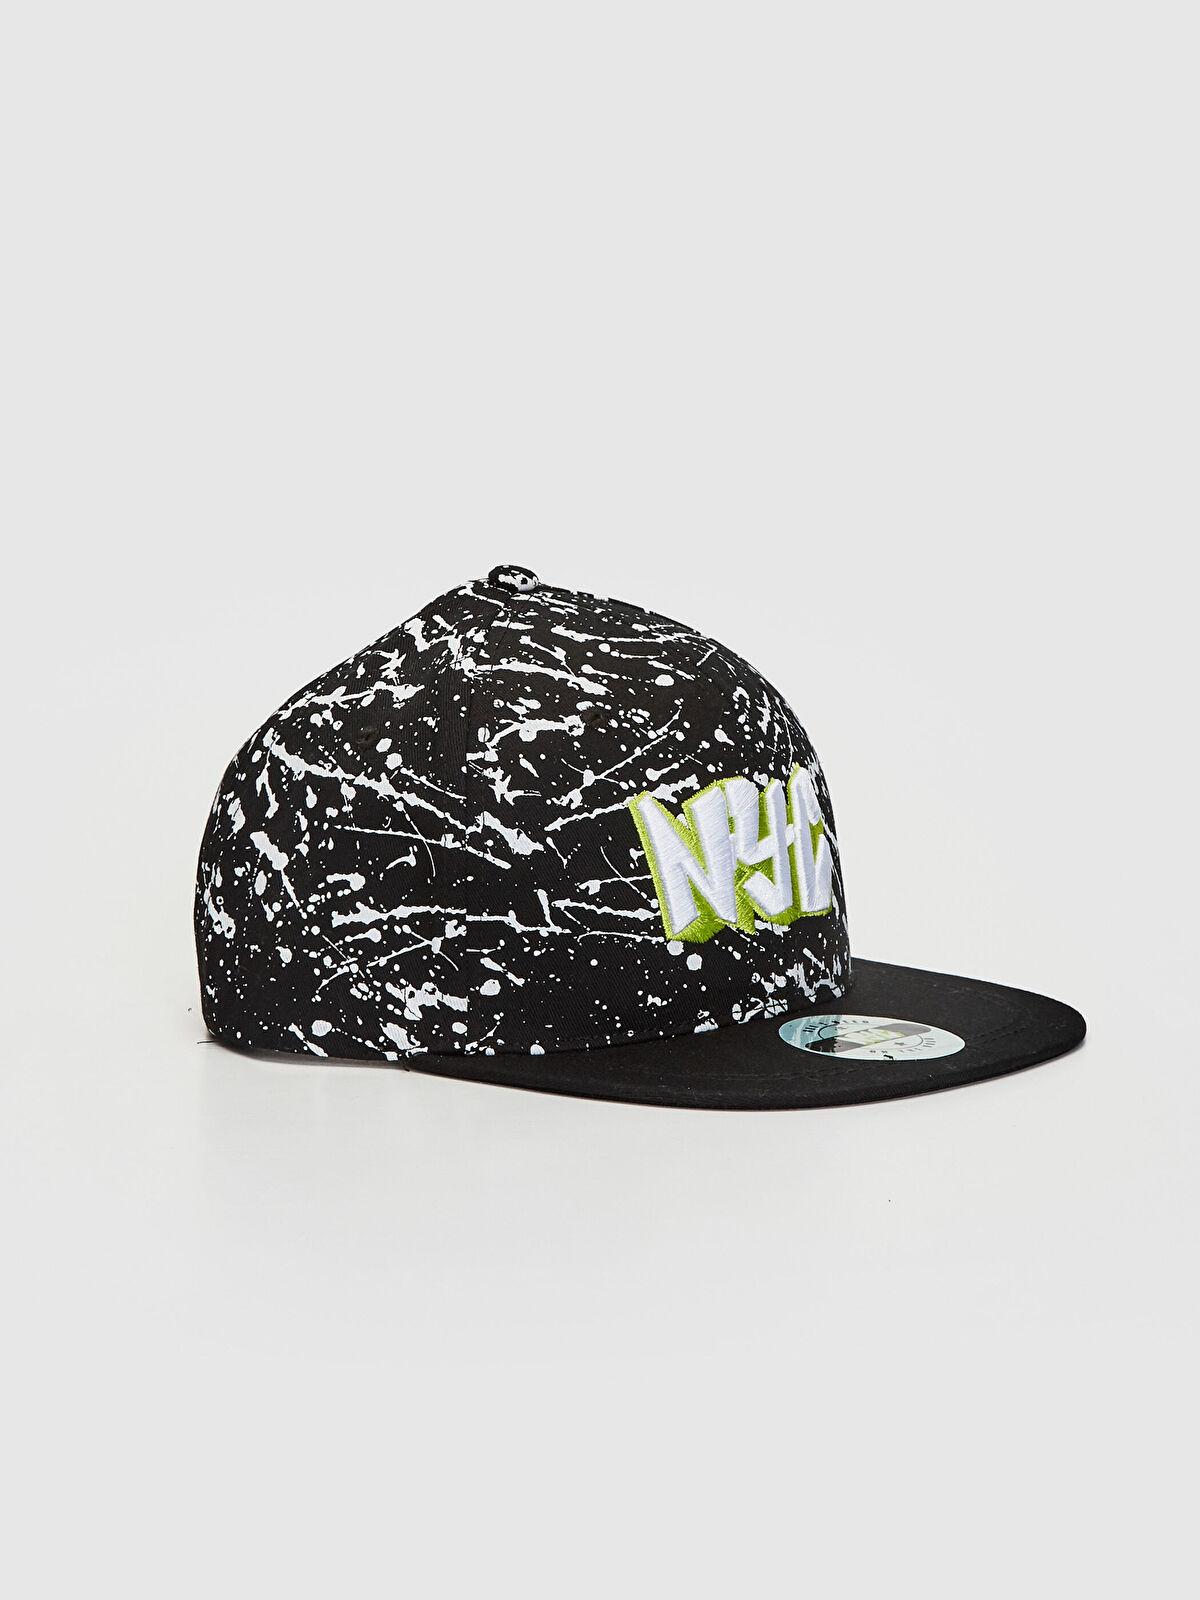 Erkek Çocuk Nakışlı Hip Hop Şapka - LC WAIKIKI